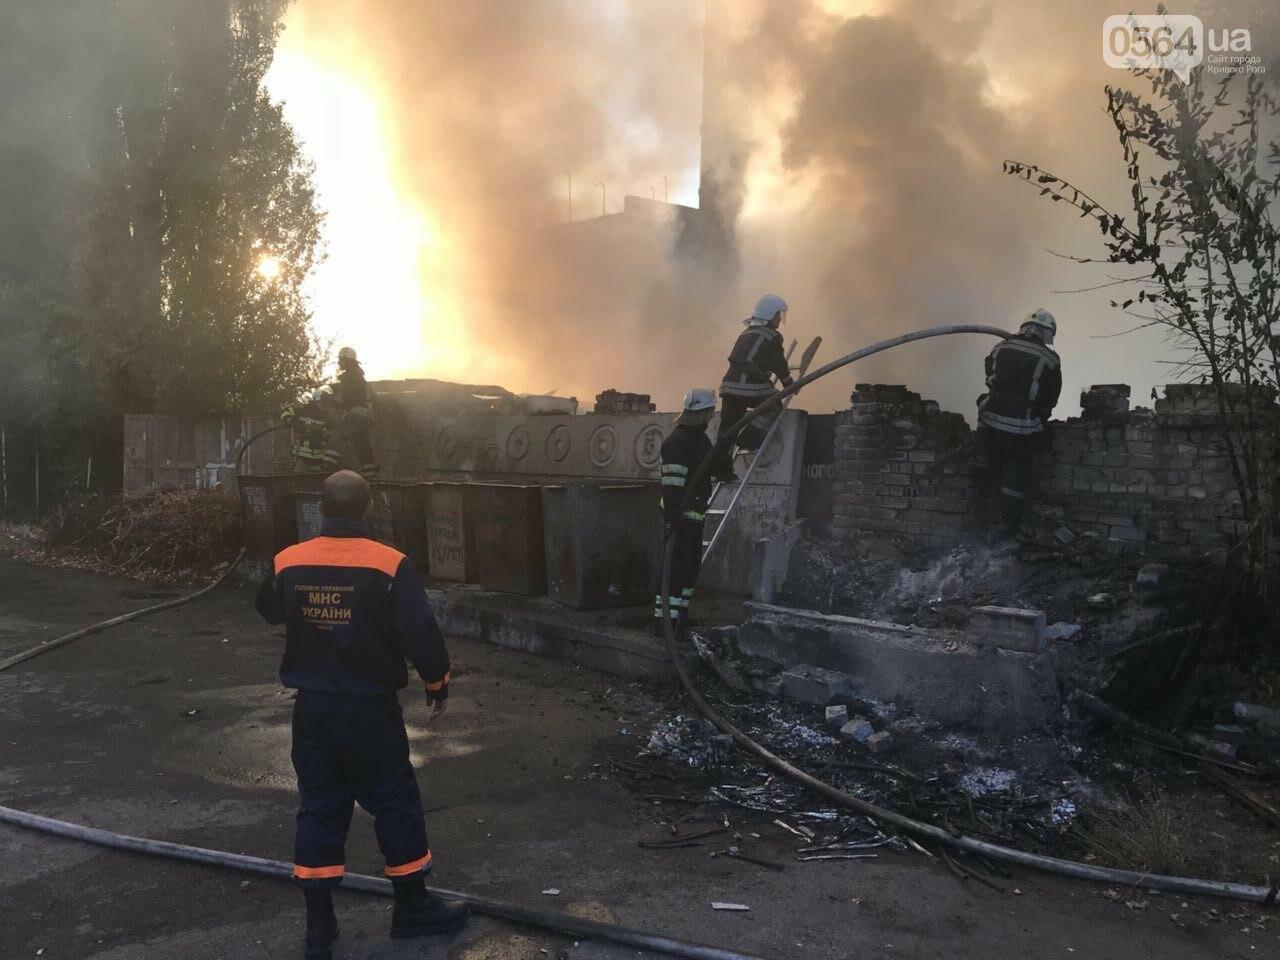 В Кривом Роге масштабный пожар: горели брошенные сараи, - ФОТО, ВИДЕО, фото-11